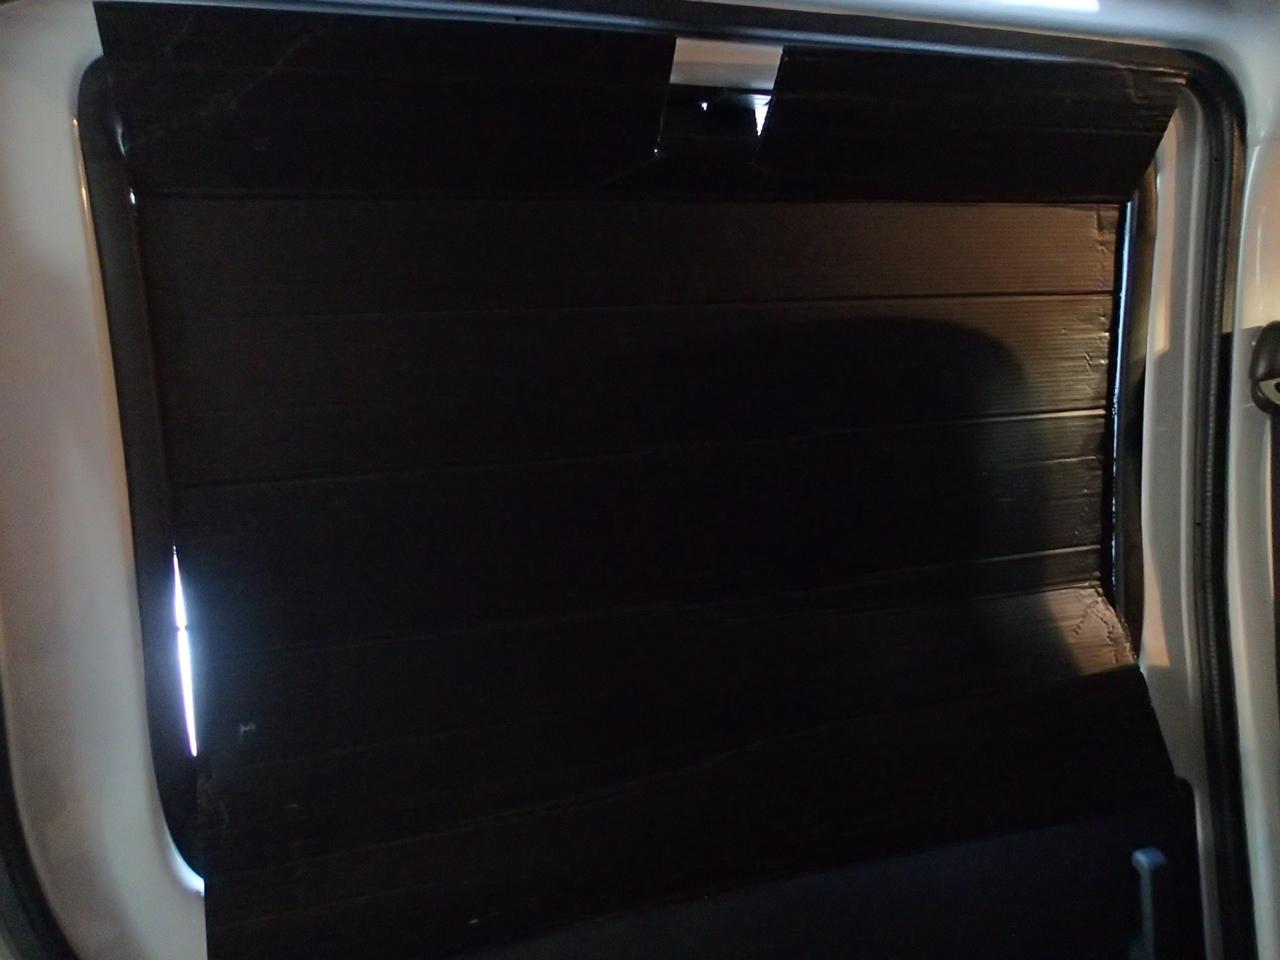 プラダンでスライドドアの目隠し車中泊